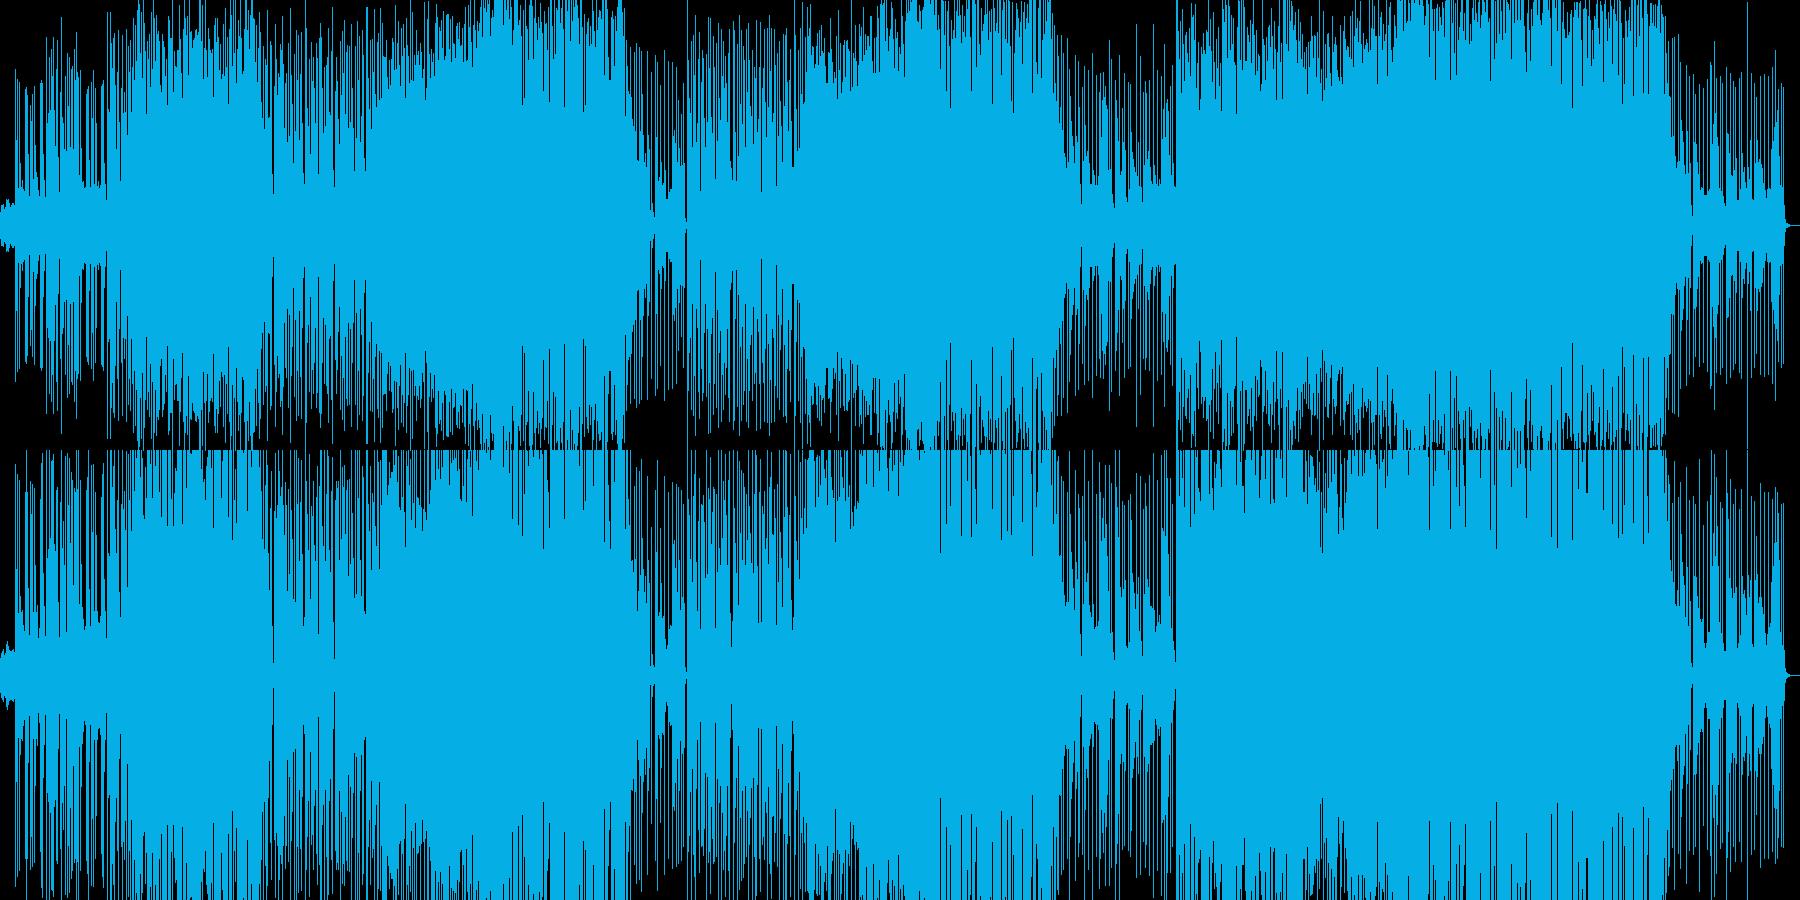 ウキウキとワクワクの戦隊ものポップスの再生済みの波形